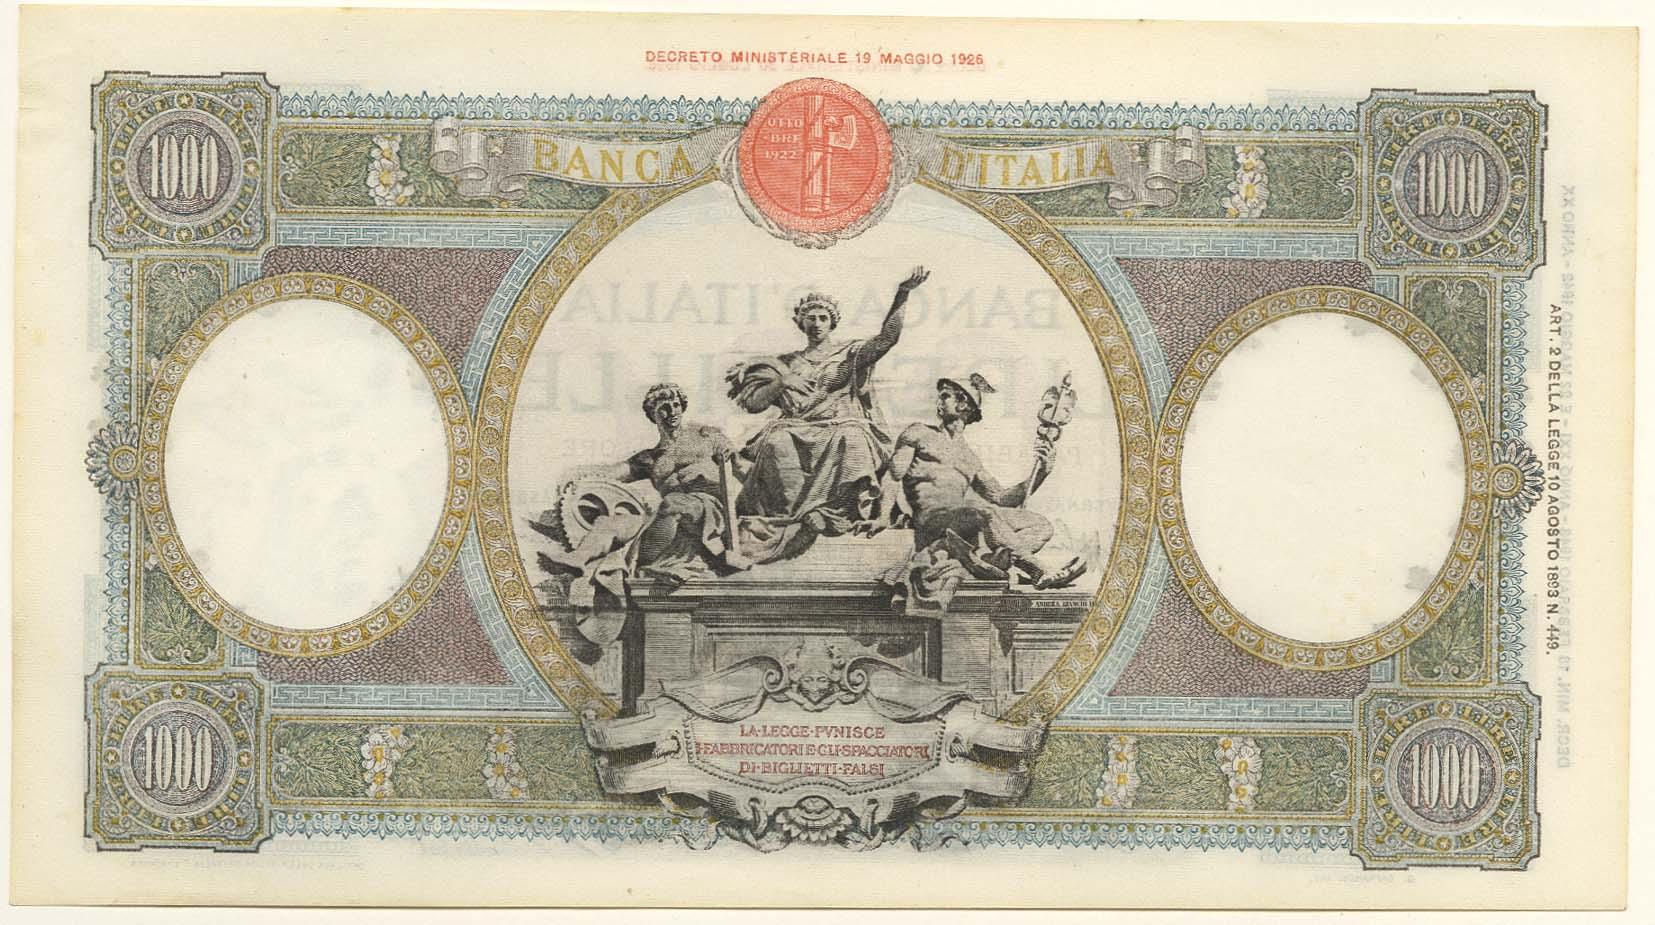 Lot 1920 - Geldscheine_Ausland_Italien  -  Auktionshaus Ulrich Felzmann GmbH & Co. KG Auction 170 International Autumn Auction 2020 Day 2